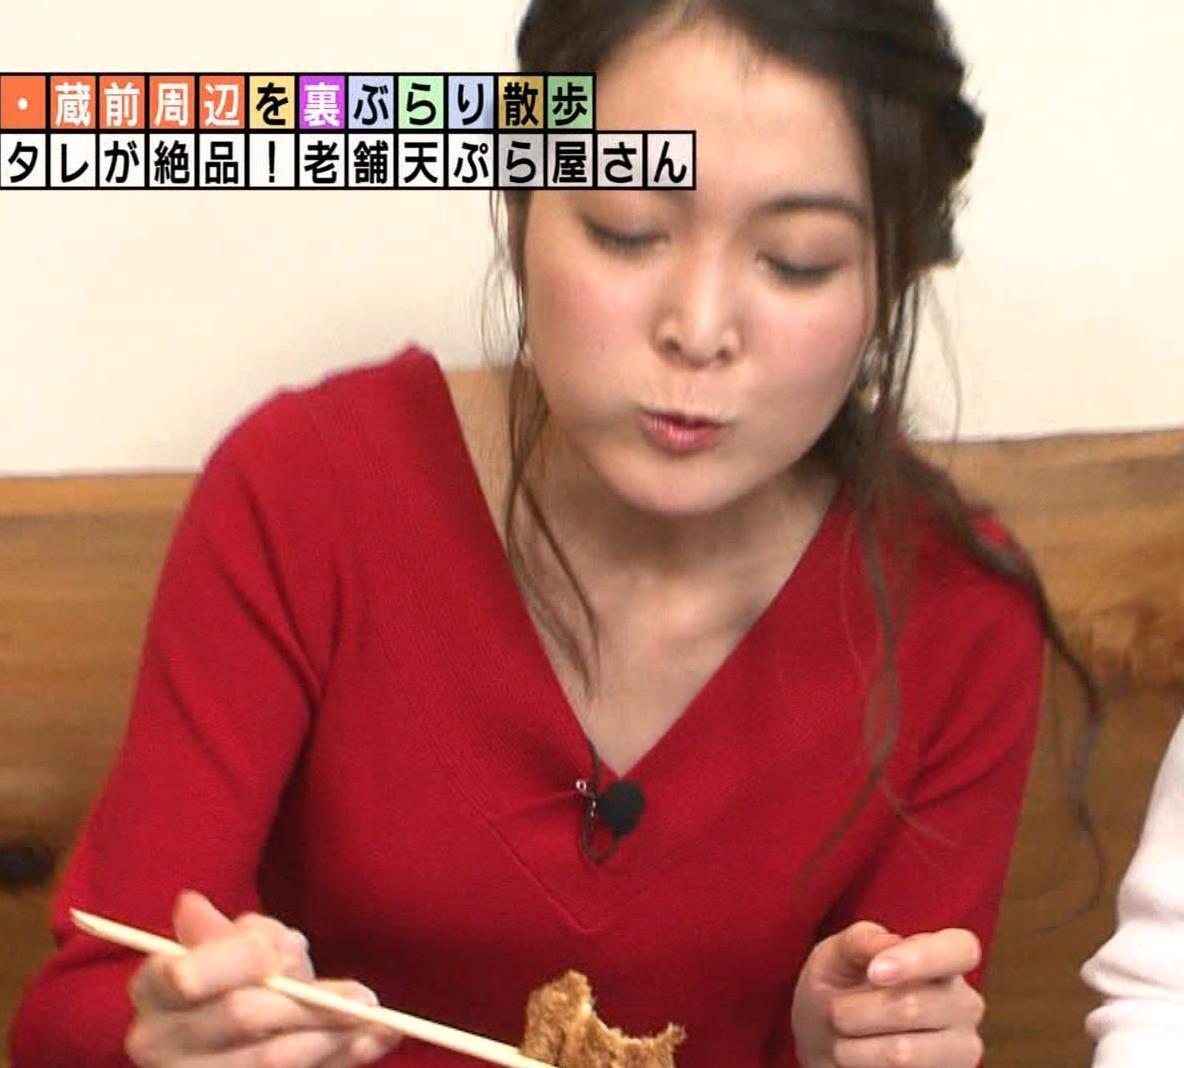 福田典子アナ 前かがみで胸元チラリキャプ・エロ画像9